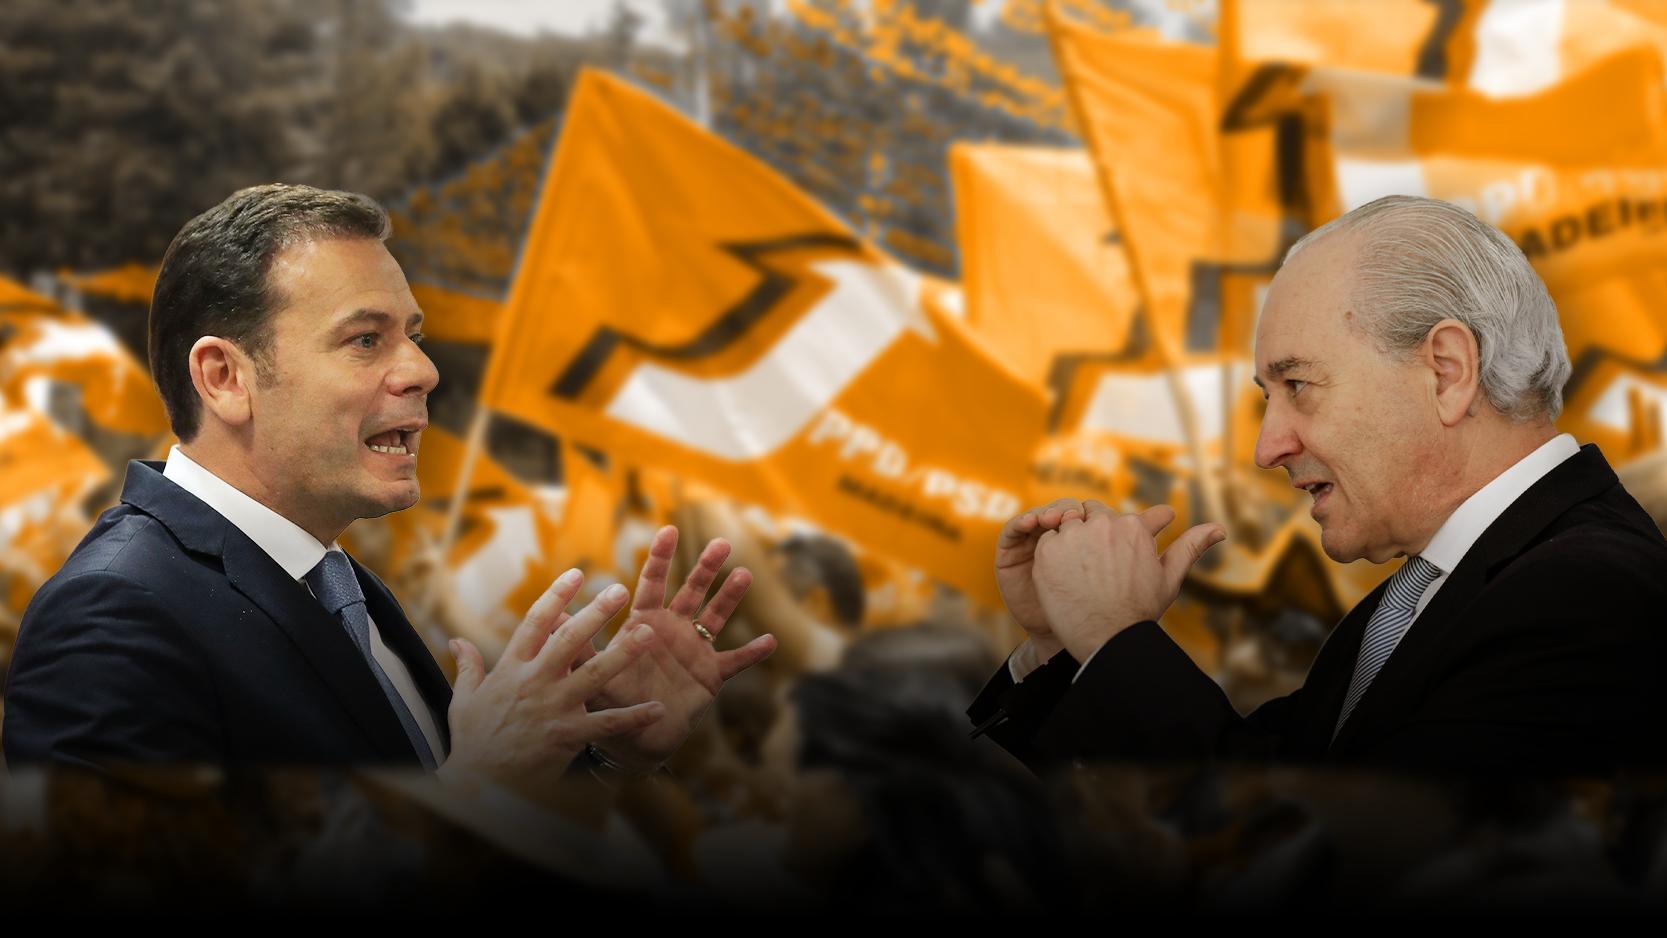 3.030. Estes são os votos que Rio e Montenegro disputam hoje para liderar o PSD